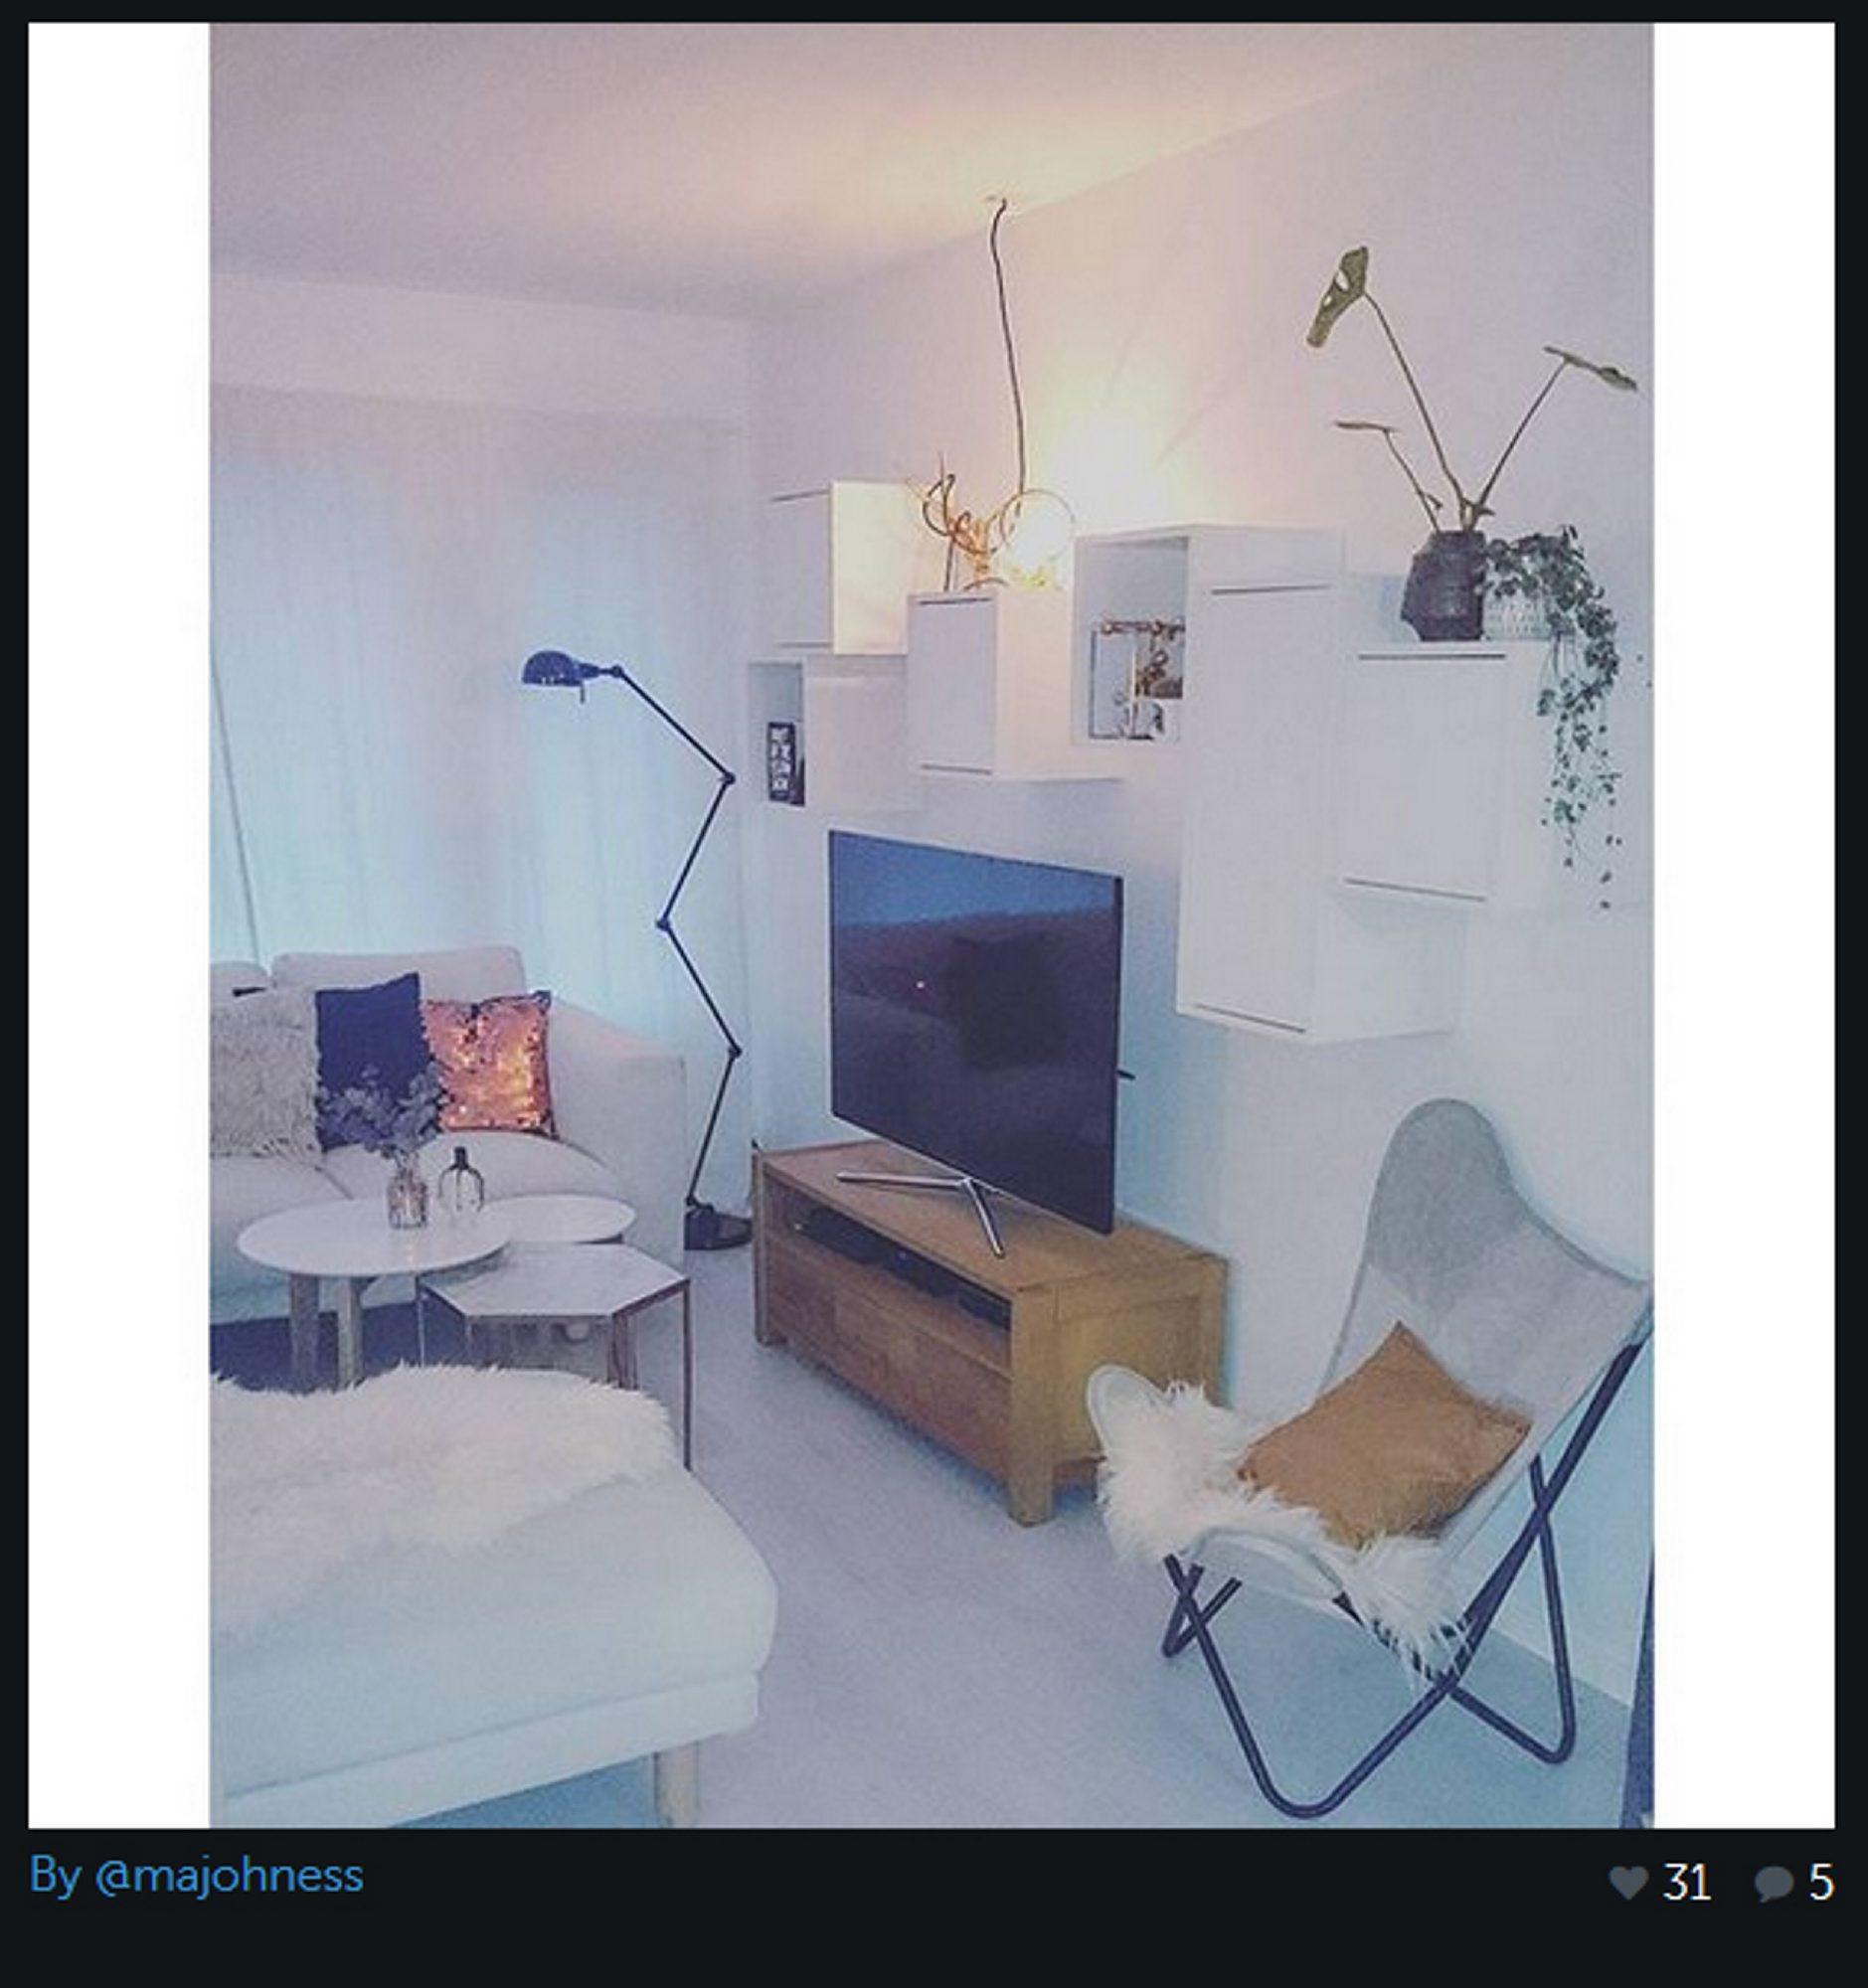 Her er et glimt fra hjemmet til @majohness. Her ser du hvordan den klassiske kontorlampen kan fungere like godt på stuen - vi digger det!